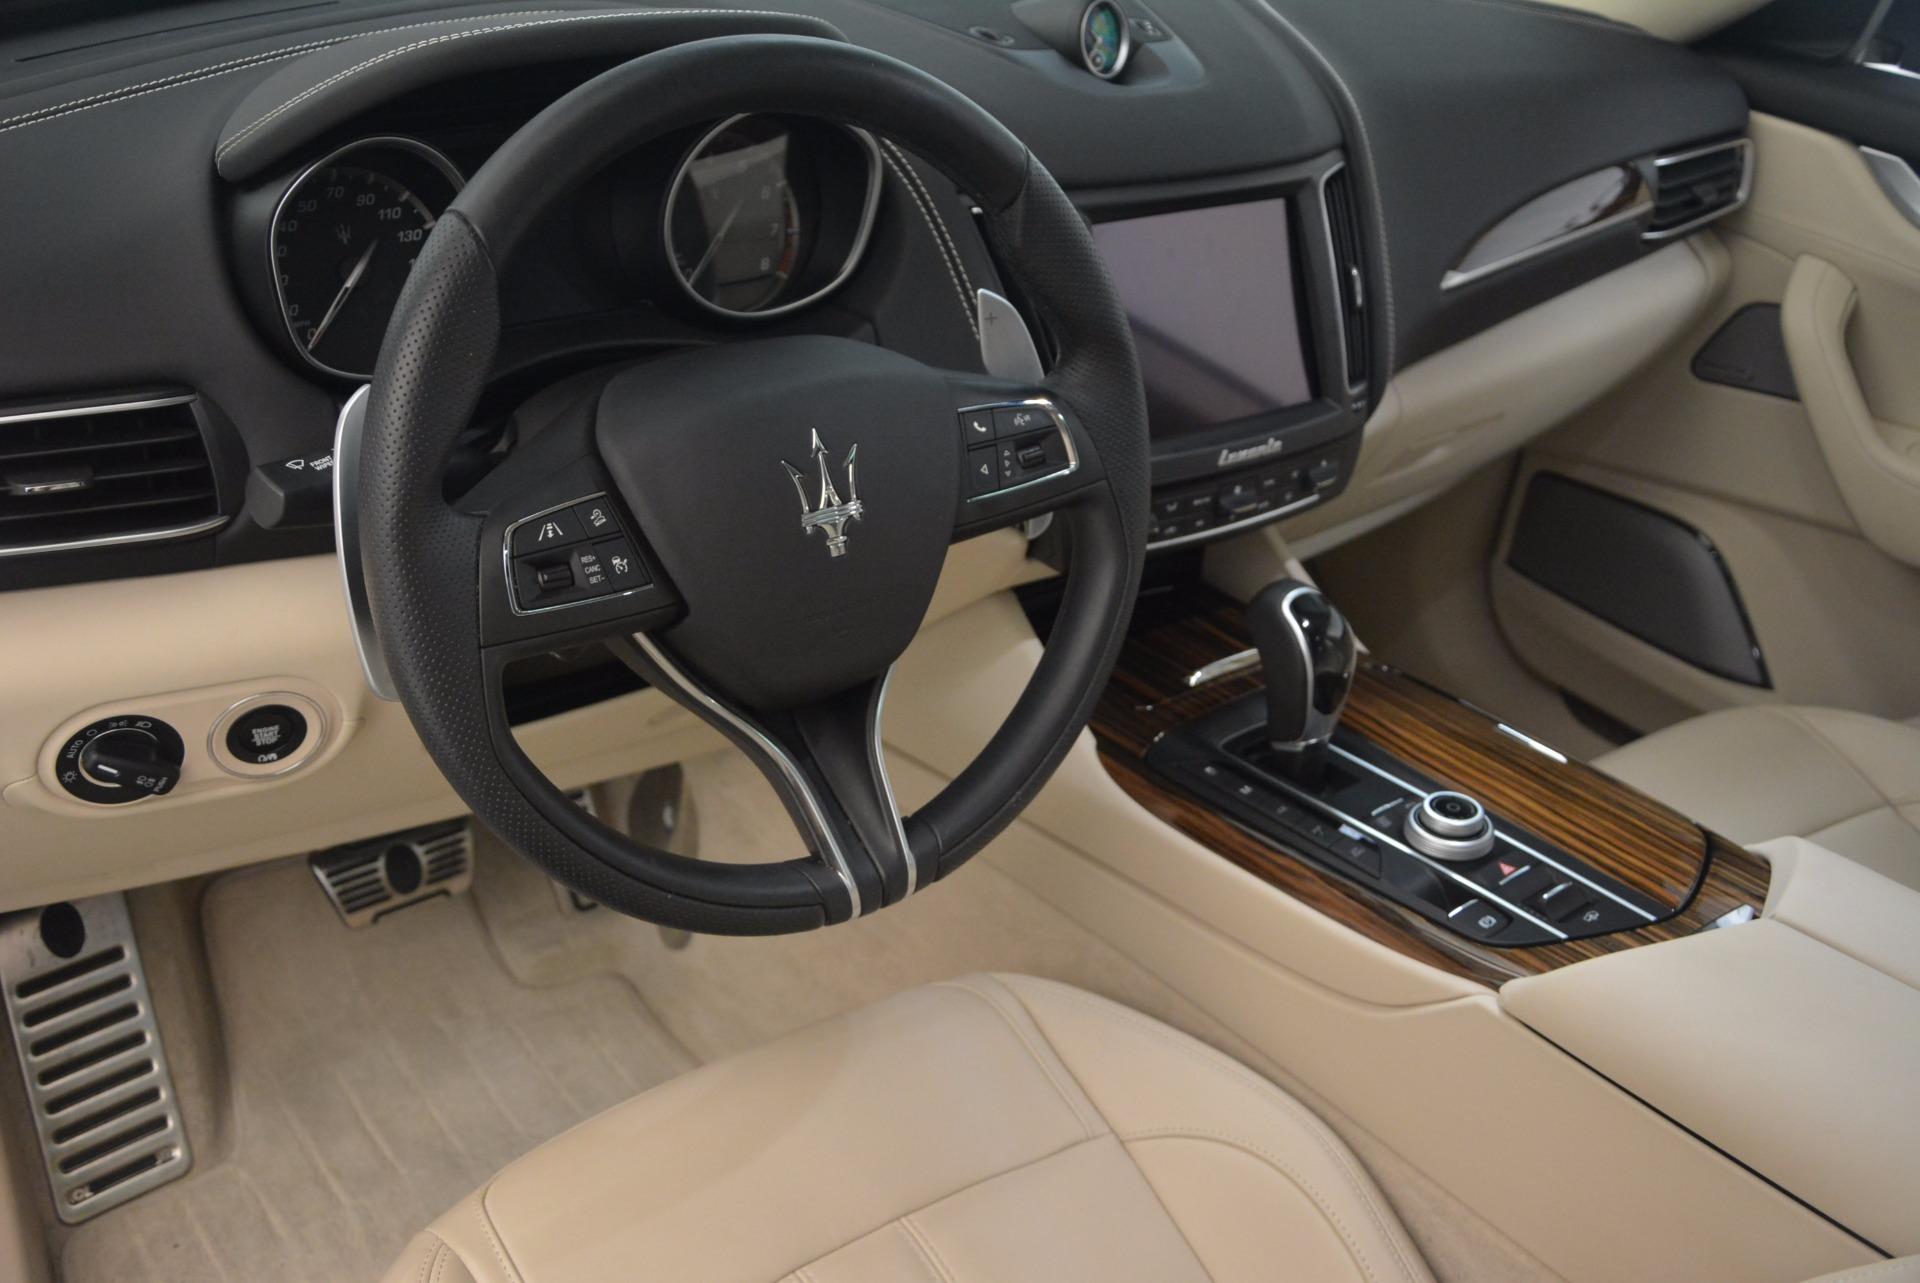 Used 2017 Maserati Levante S For Sale In Greenwich, CT 1463_p13